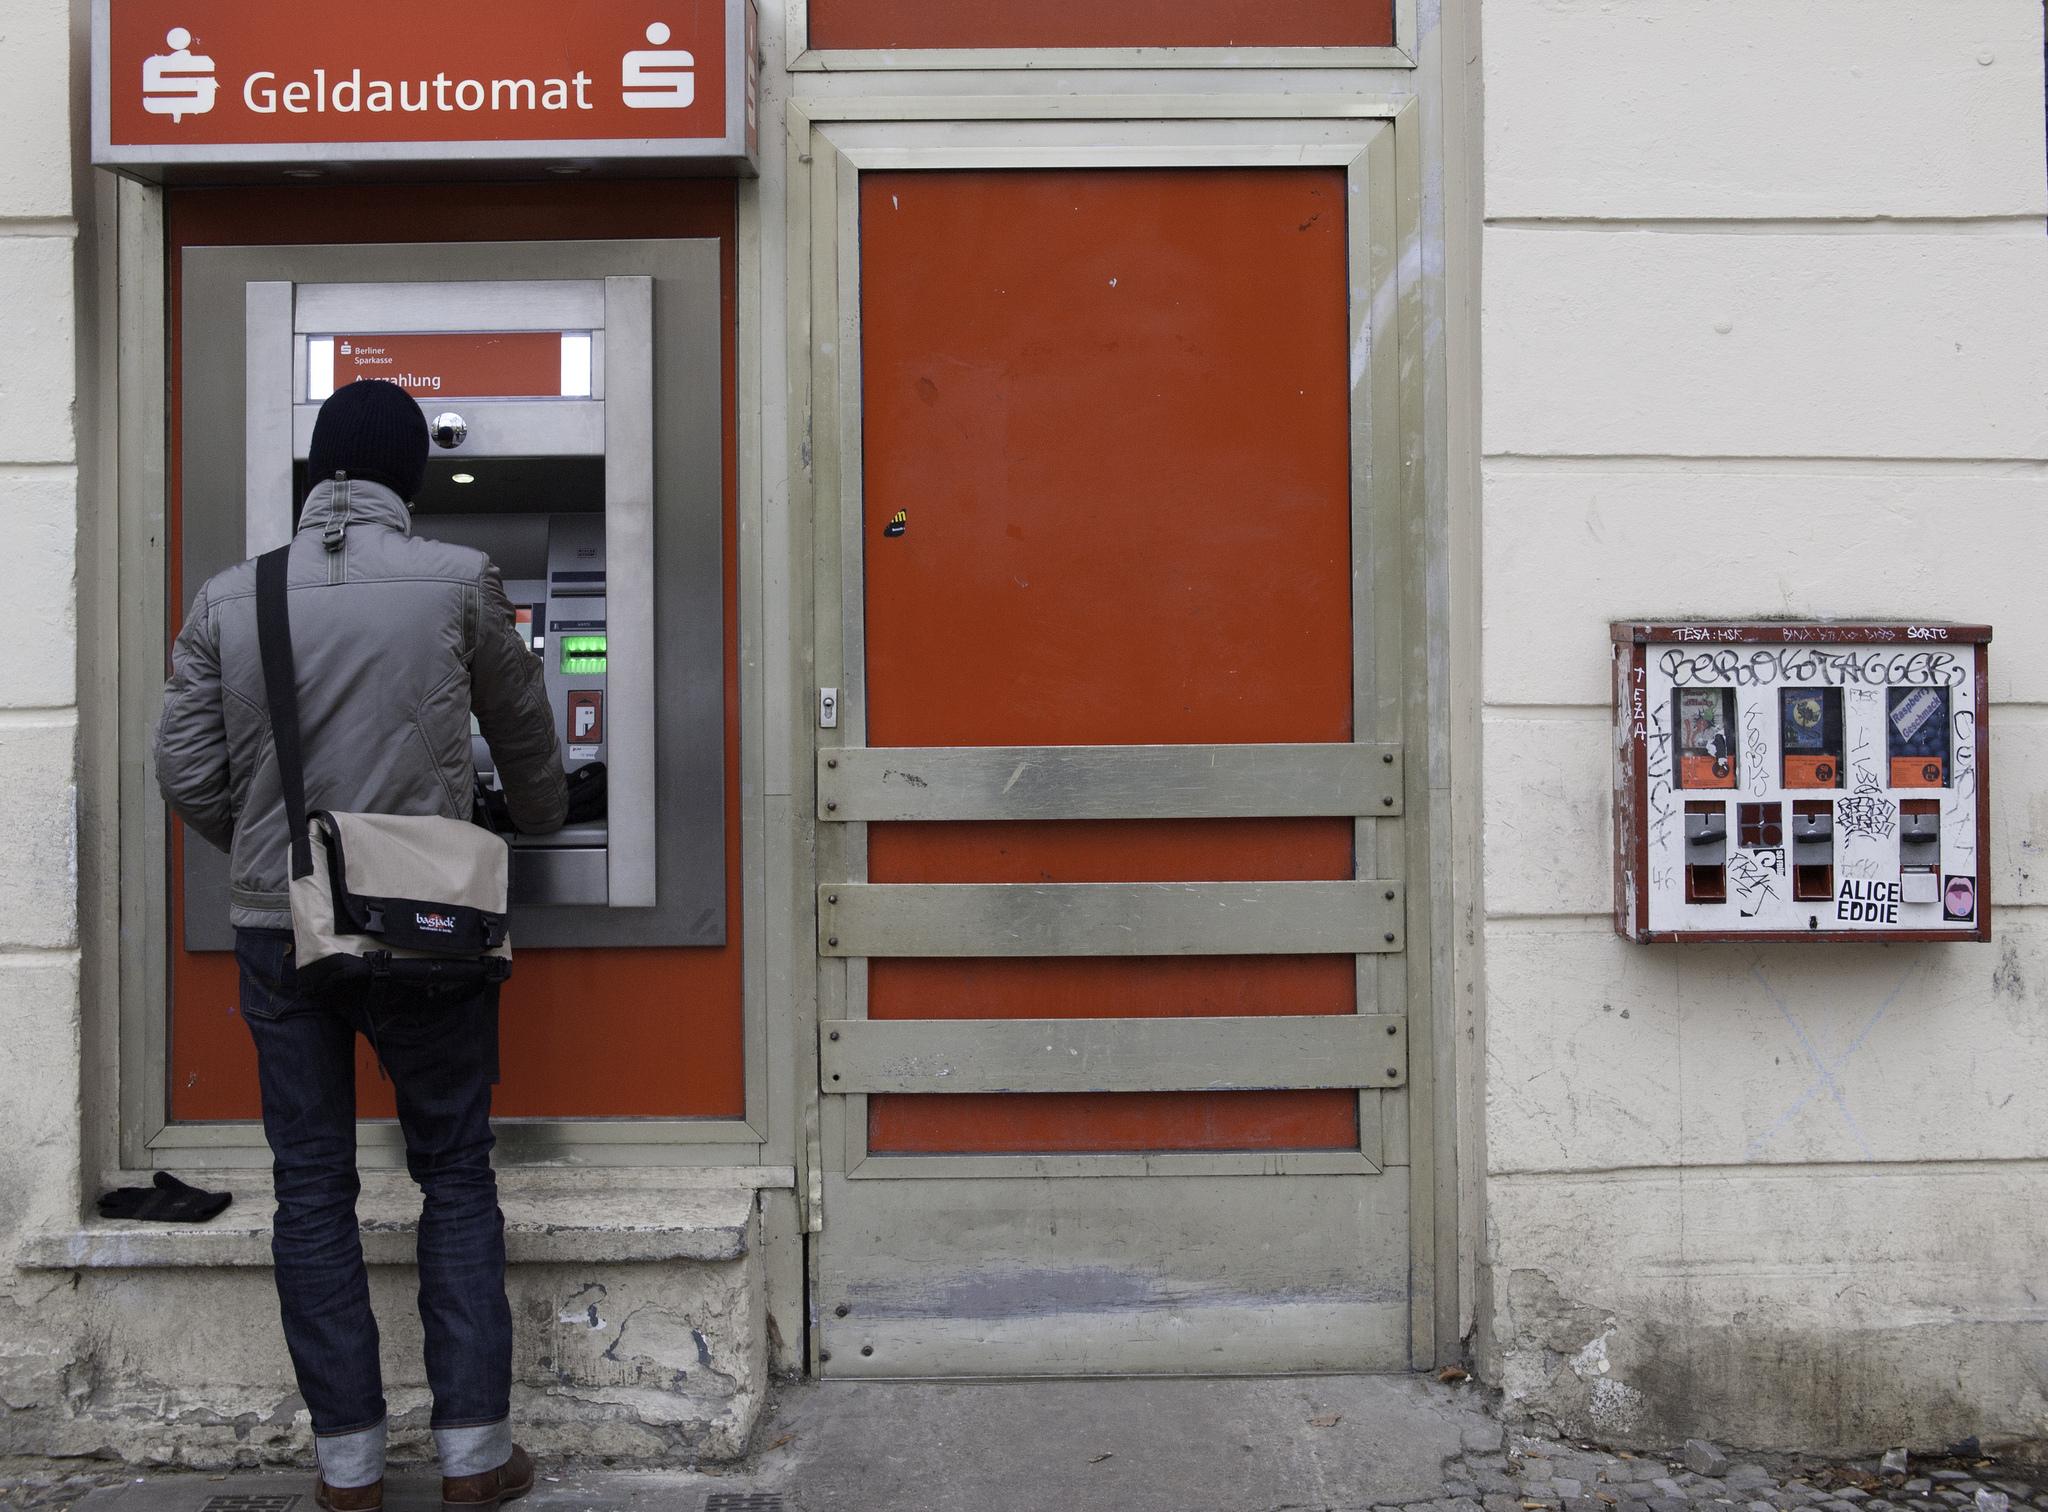 Frodi ATM (bancomat) in Aumento: ecco come Proteggersi